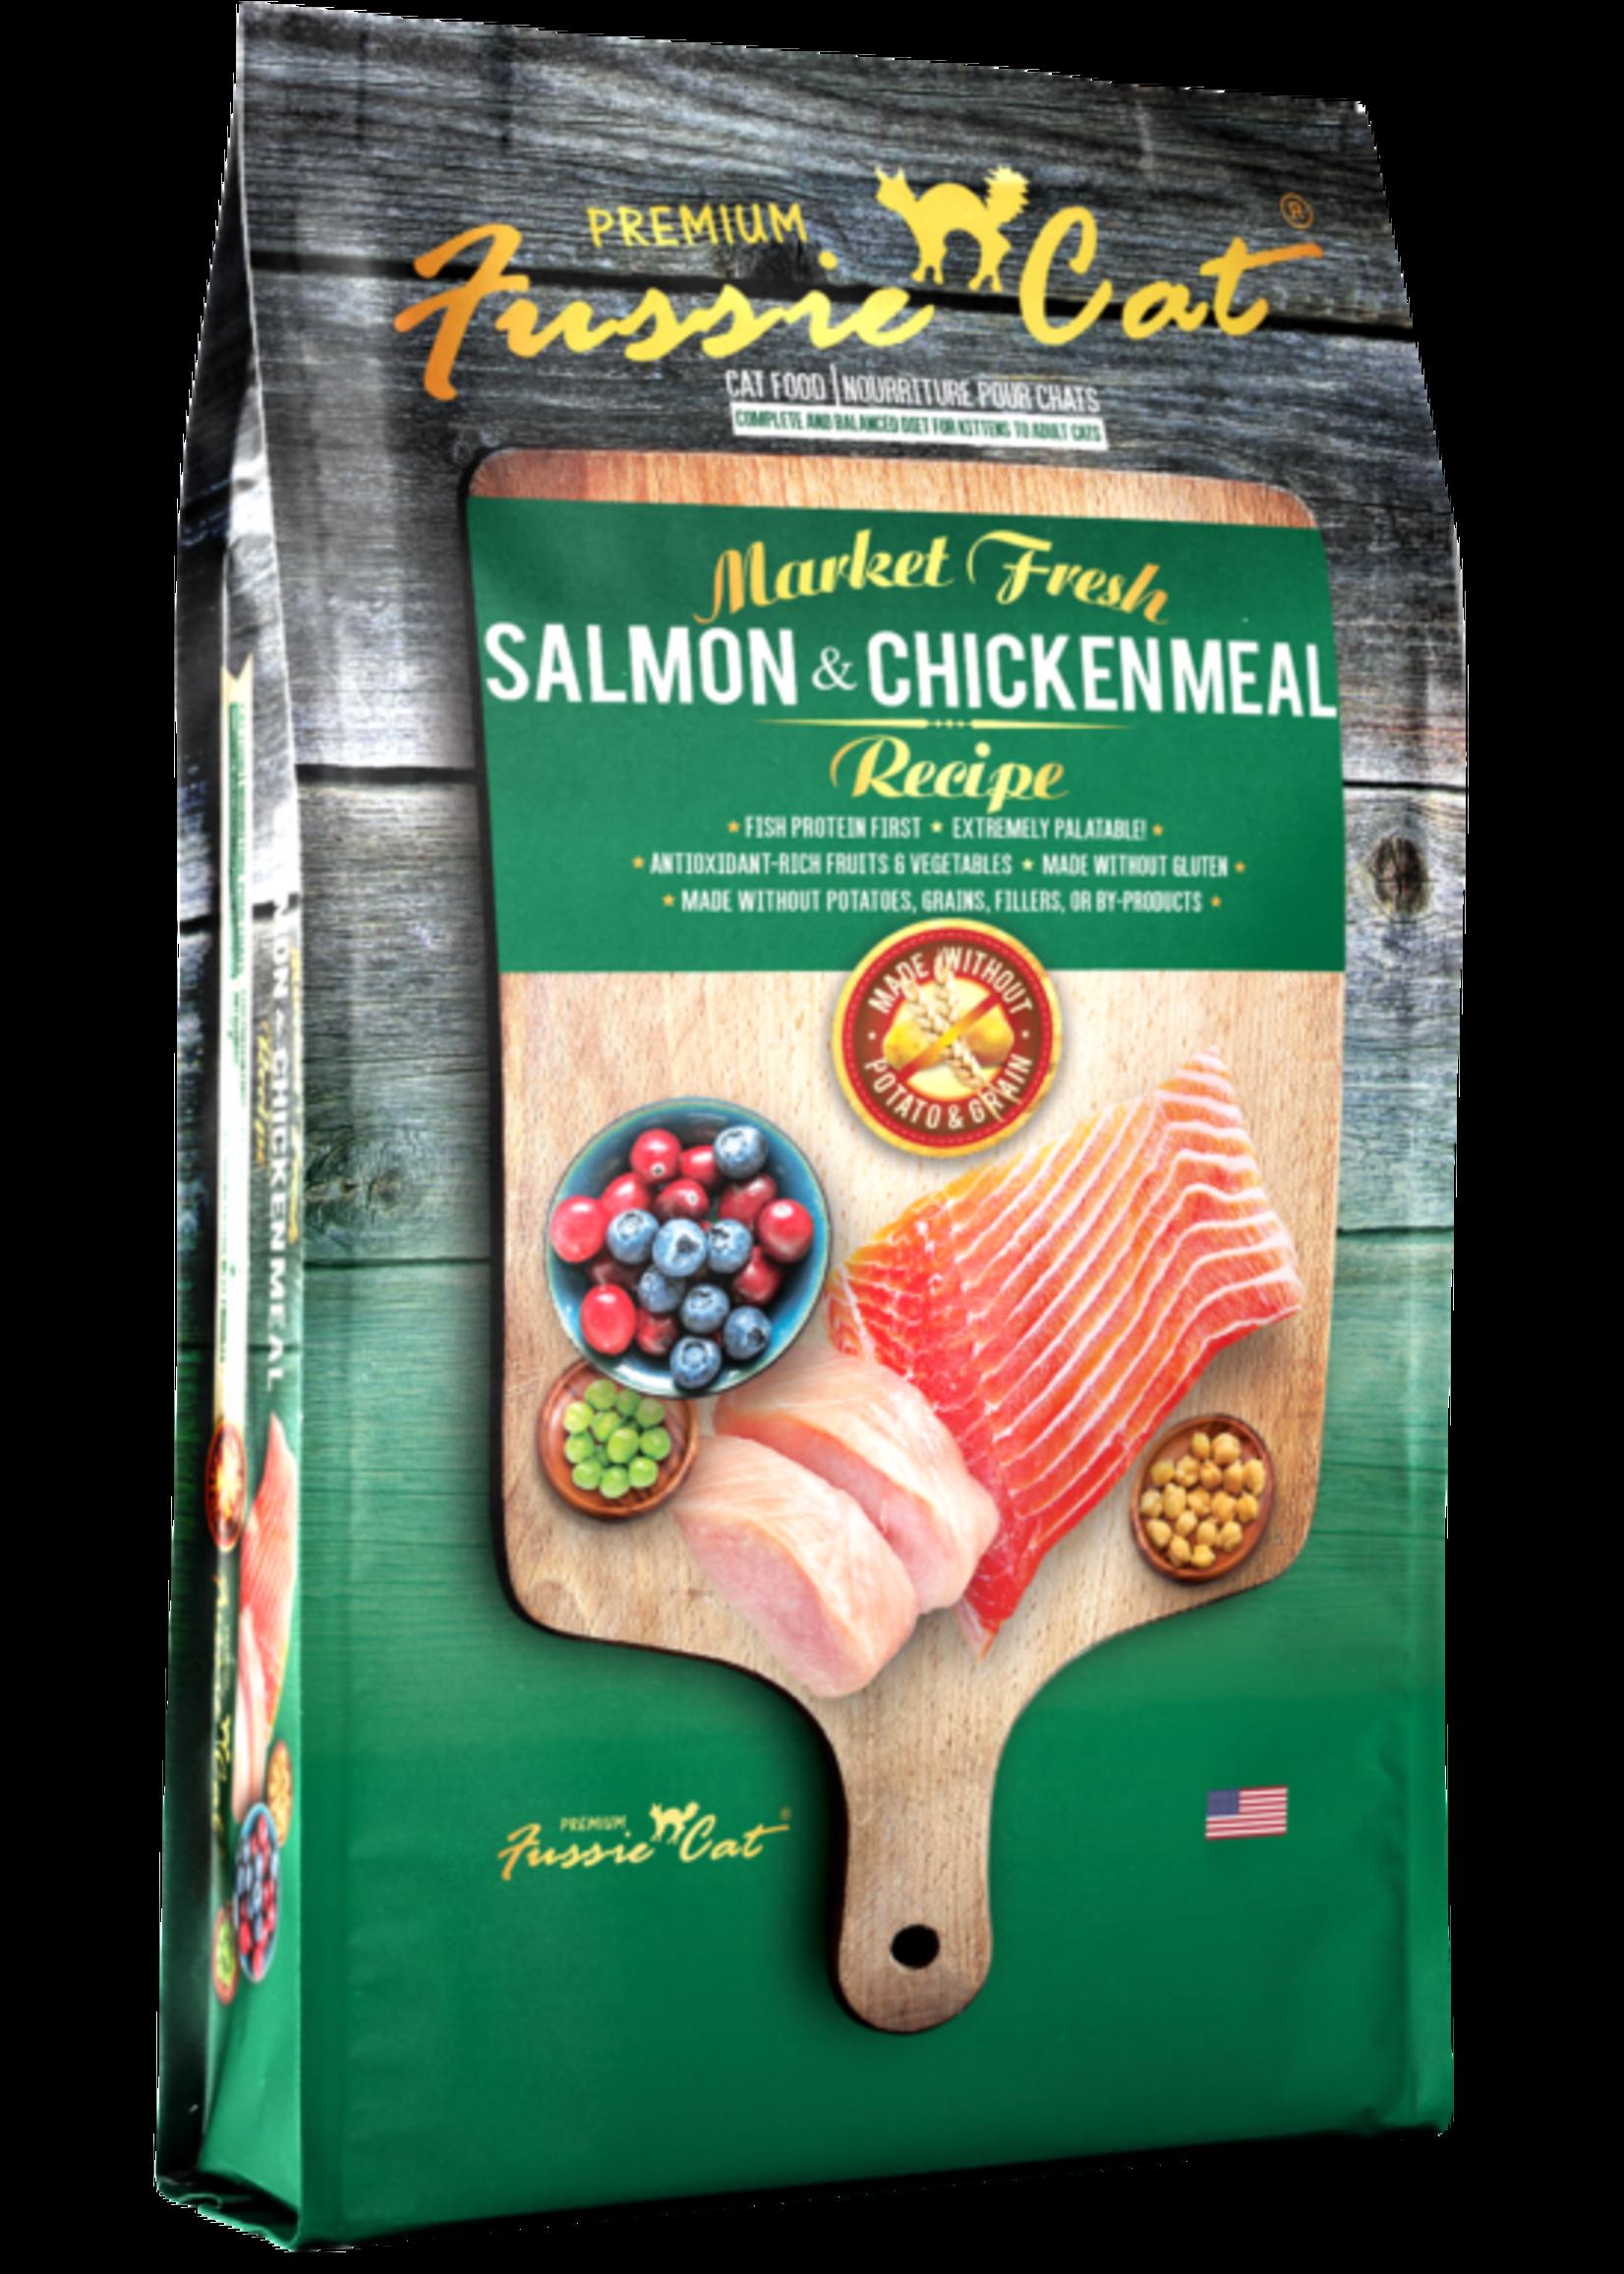 Fussie Cat® Fussie Cat Market Fresh Salmon & Chicken Meal Recipe